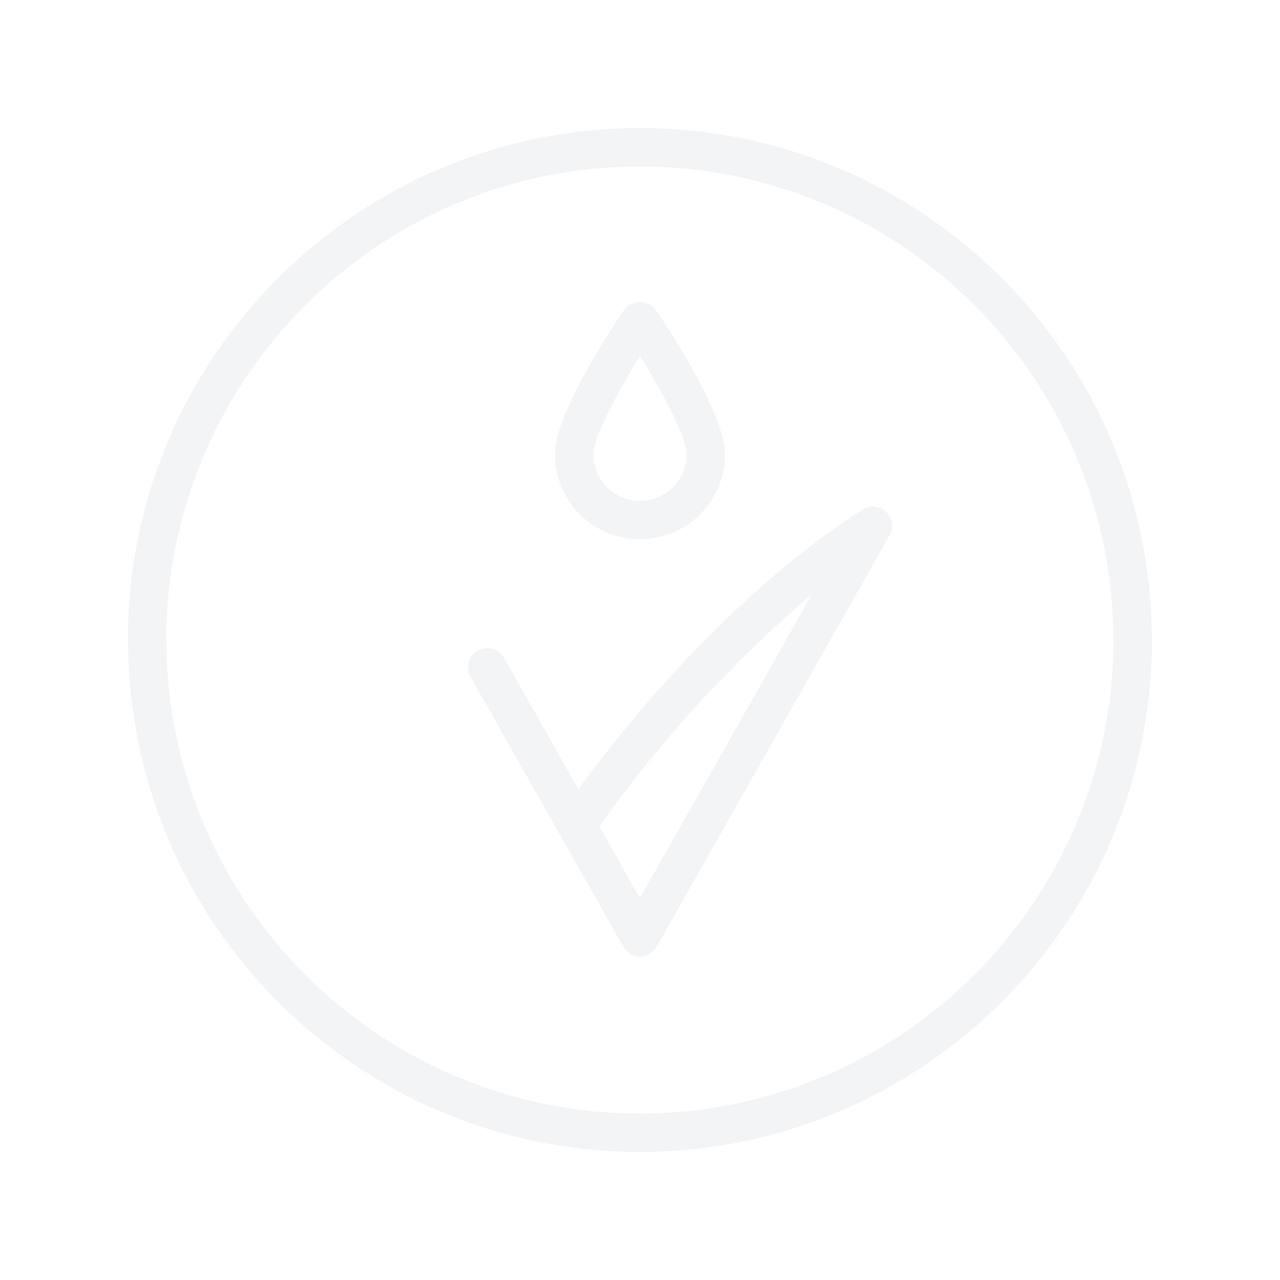 CLINIQUE Superpowder Double Face Makeup 10g